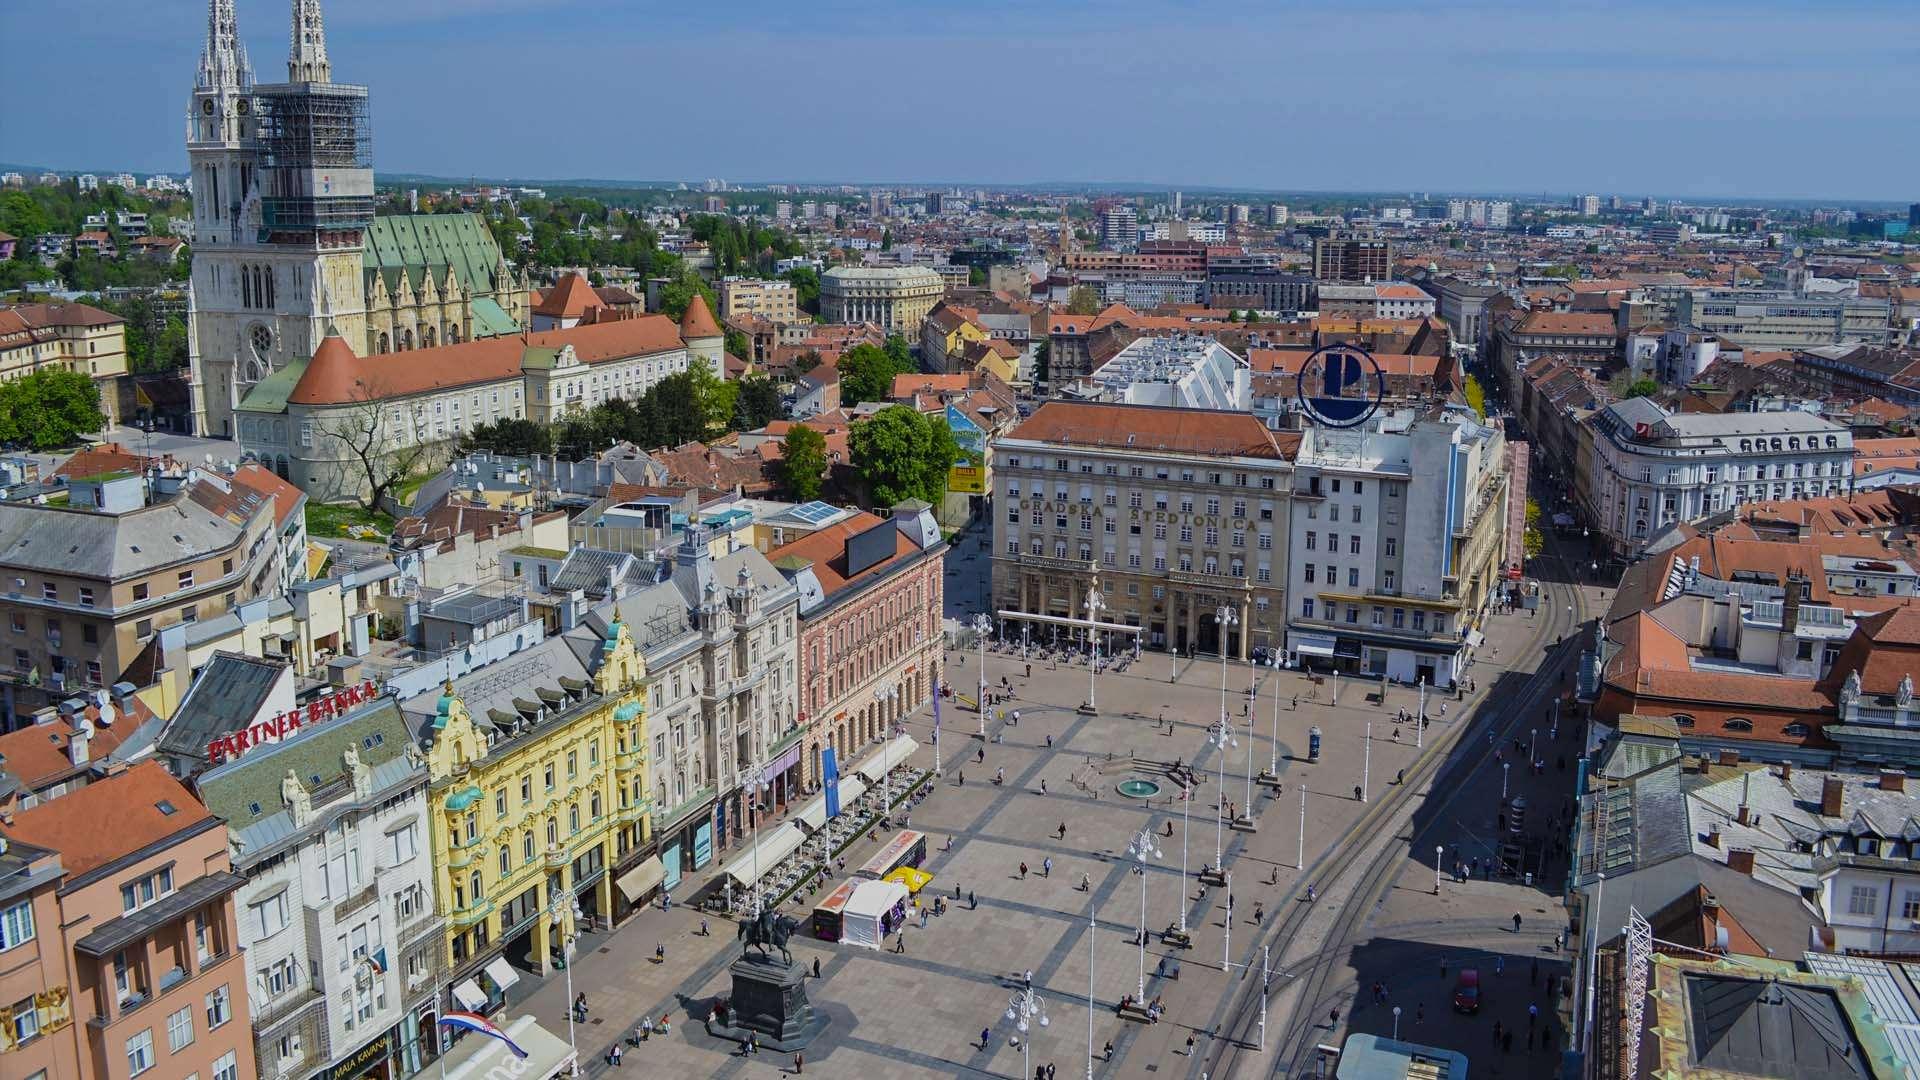 Prošle godine u travnju, u Zagrebu 115.000 turista. Ove 1205. Može li turizam preživjeti koronu i potres?